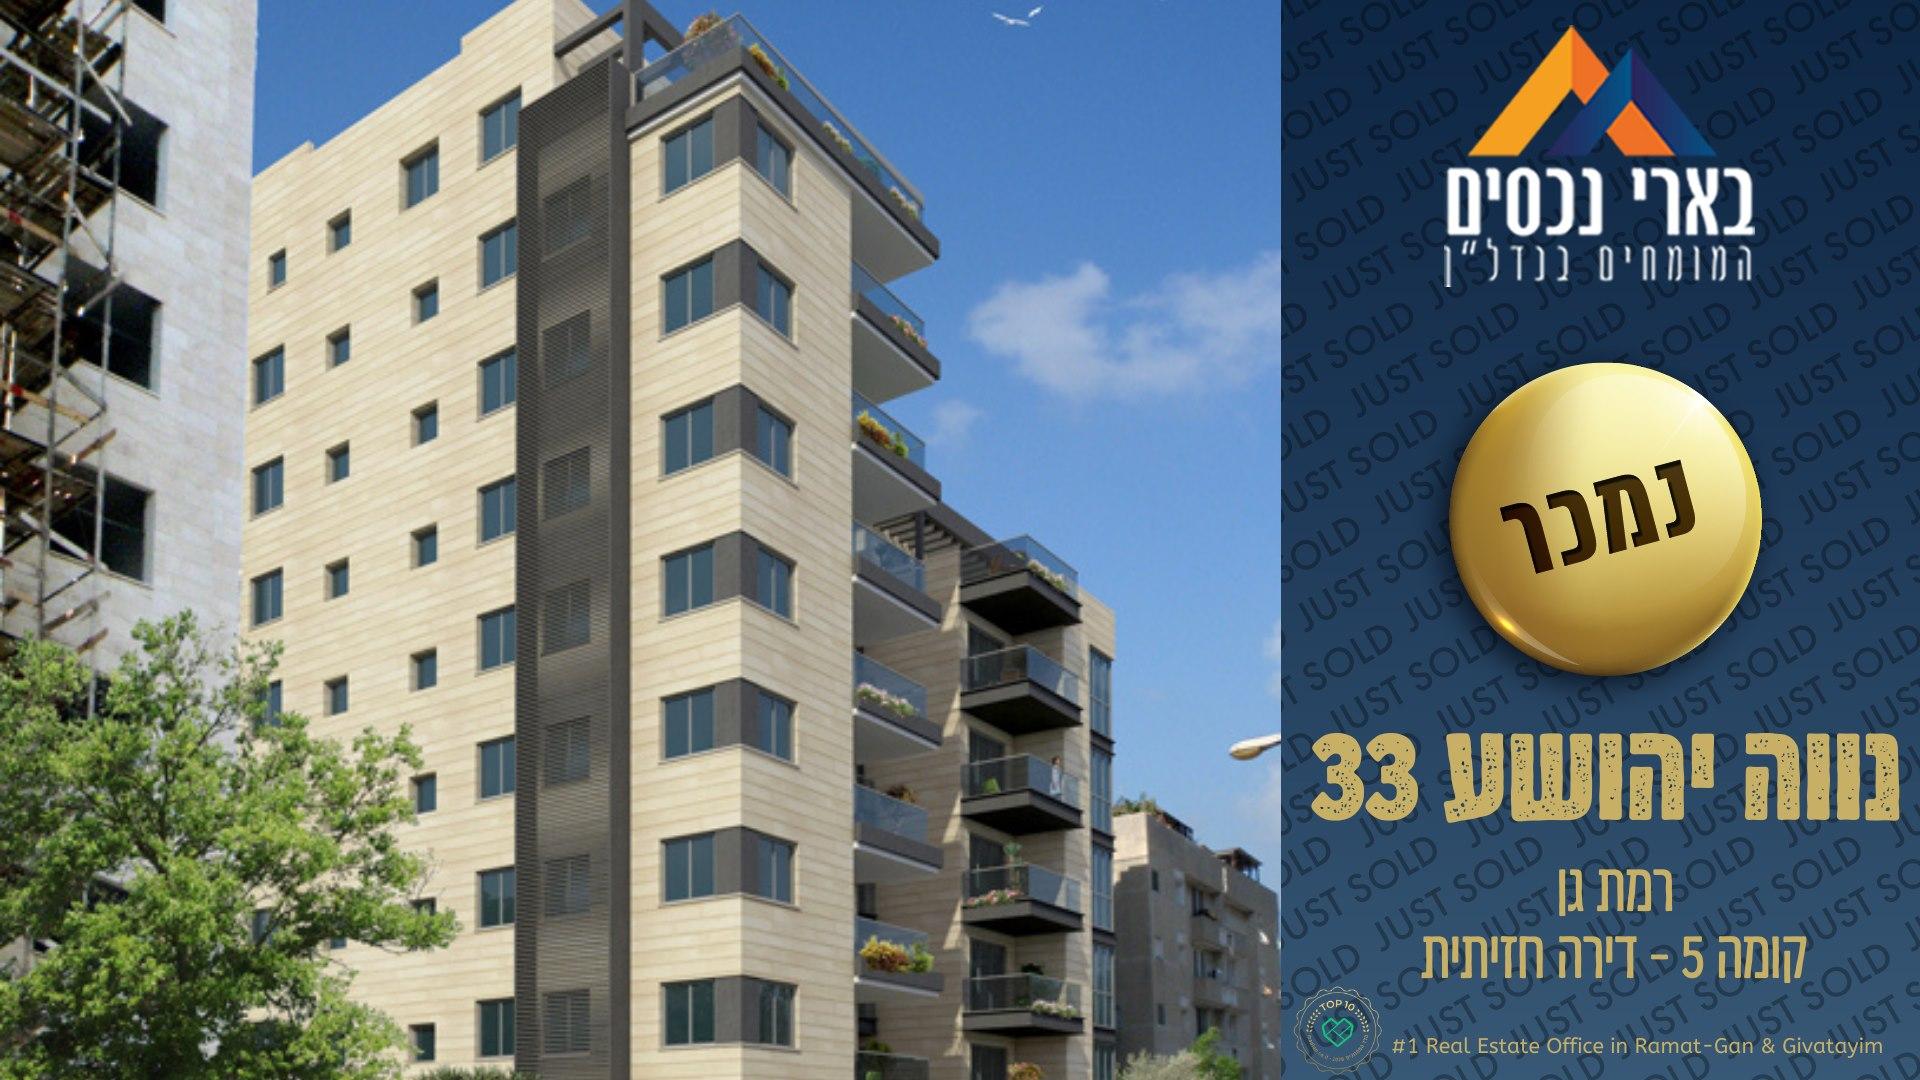 פרויקט ״נווה יהושע 33״ – קומה 5 חזית